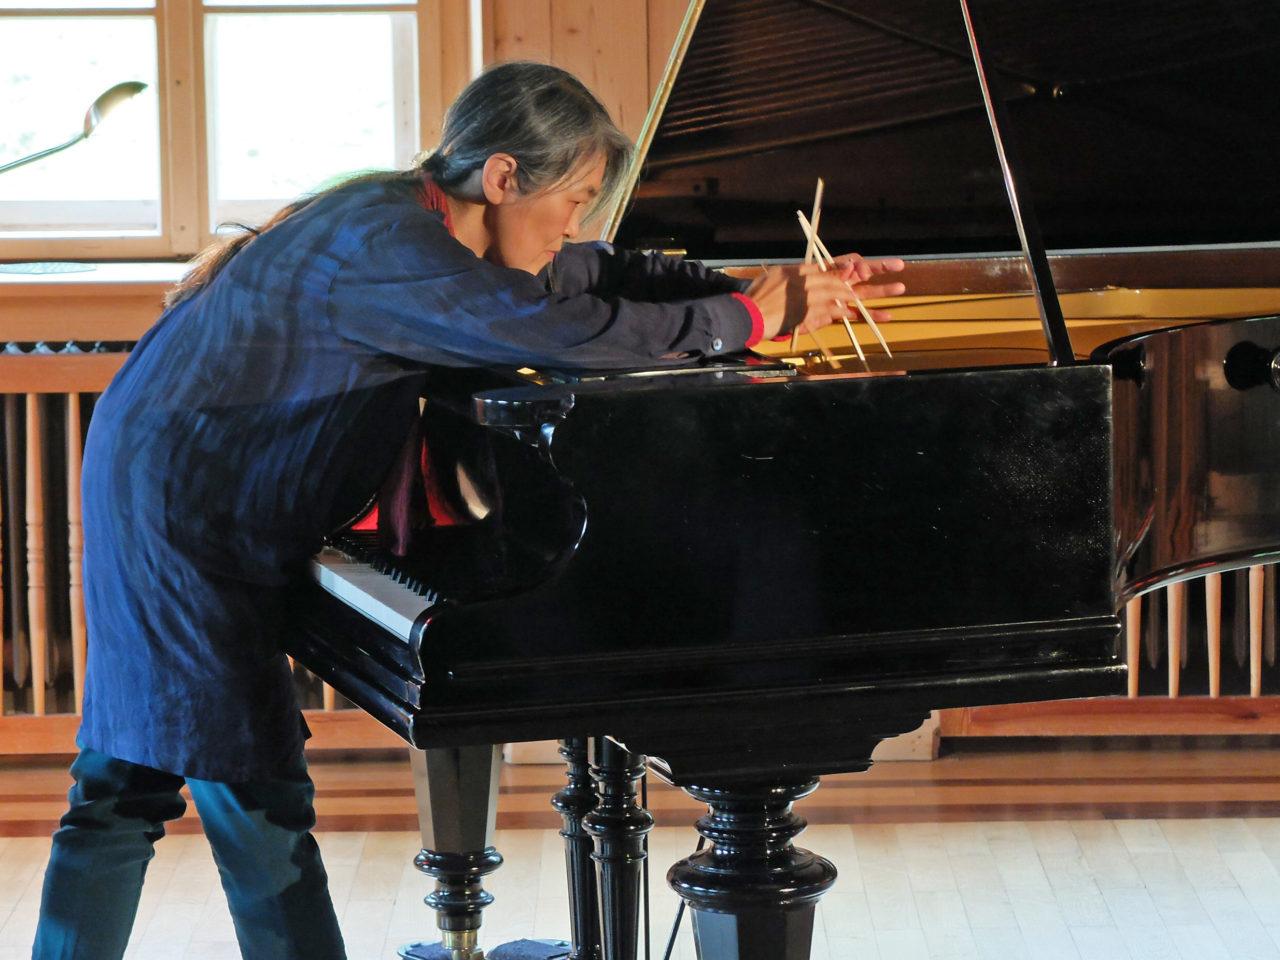 Musikalische Matinee Masako Ohta und ihre höchst einfühlsame Regentropfen-Improvisation im Resonanzkörper des Flügels